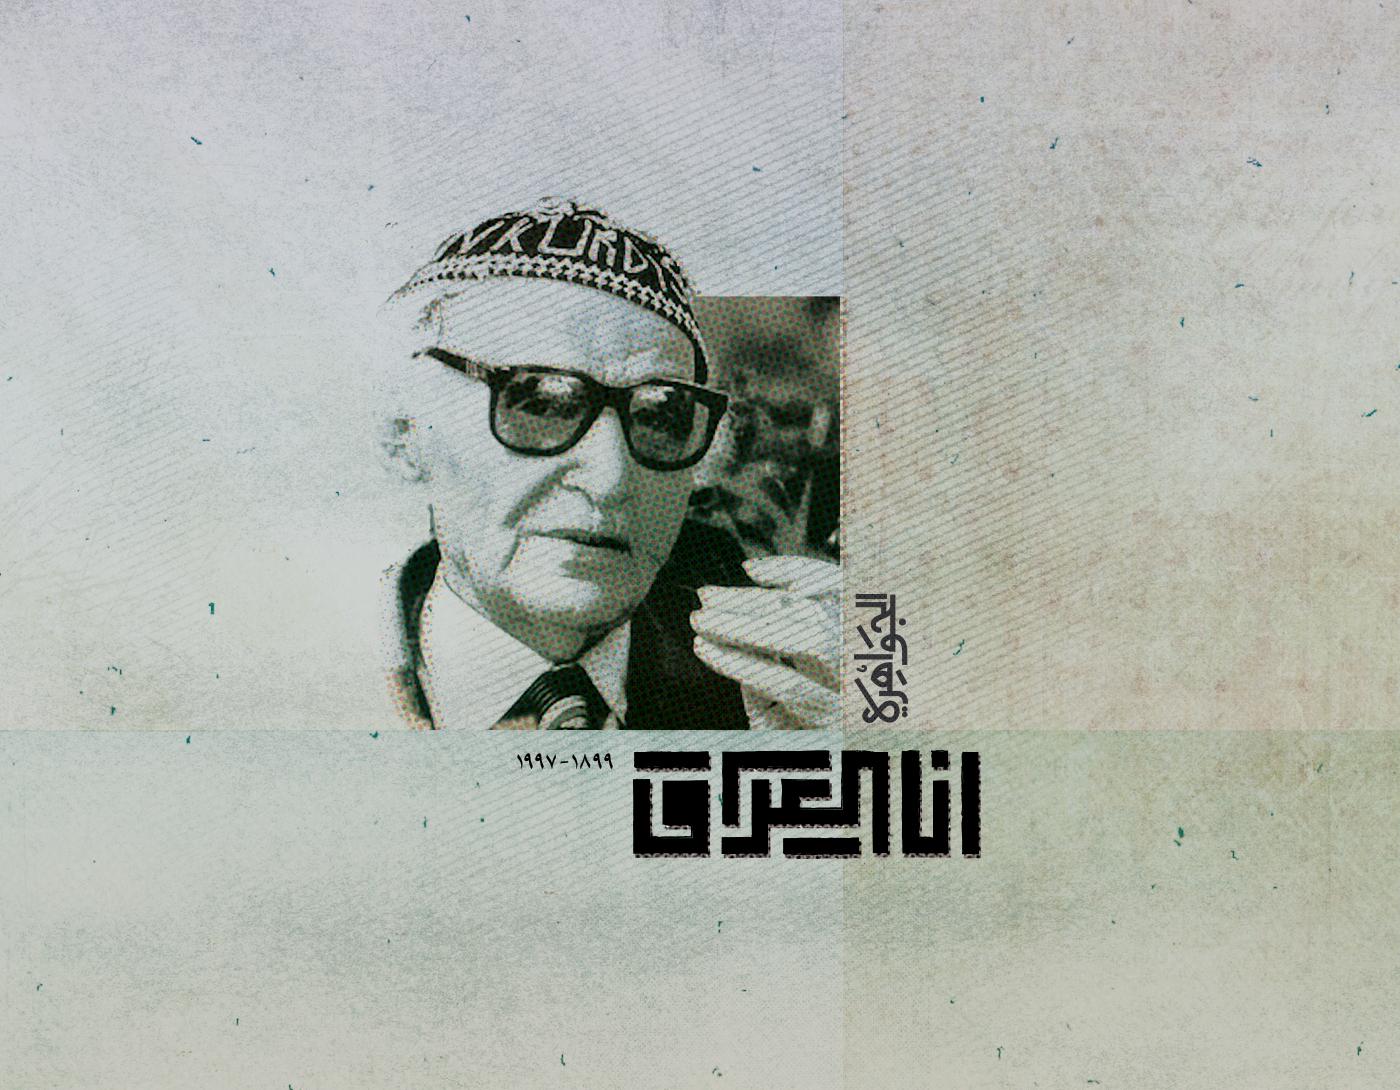 Ana Al Iraq iraq BAGHDAD I'm Iraq iraqiart BaghdadArt behancebaghdad Jwahiri AlJawahiri أنا العراق